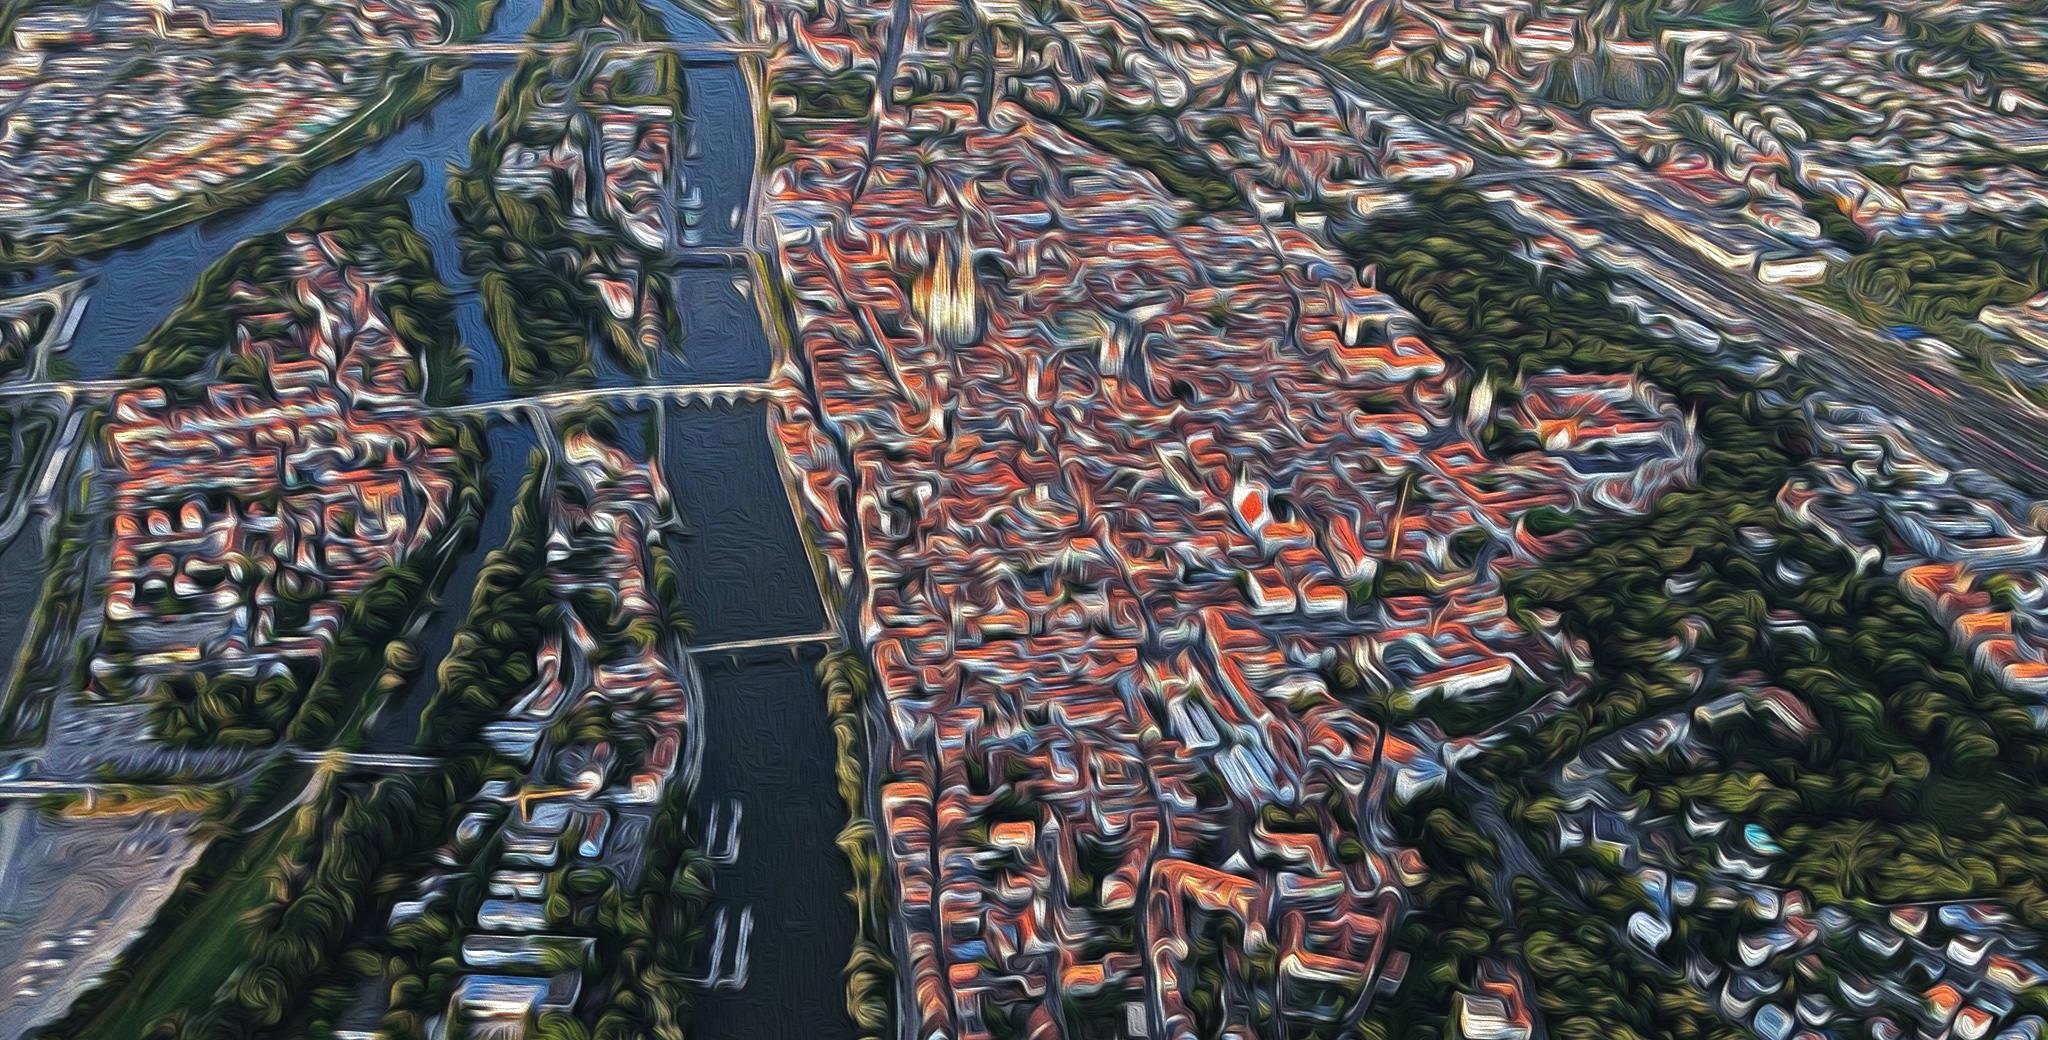 Luftbild Regensburg - Ein Blog für die Stadt am nördlichsten Punkt der Donau